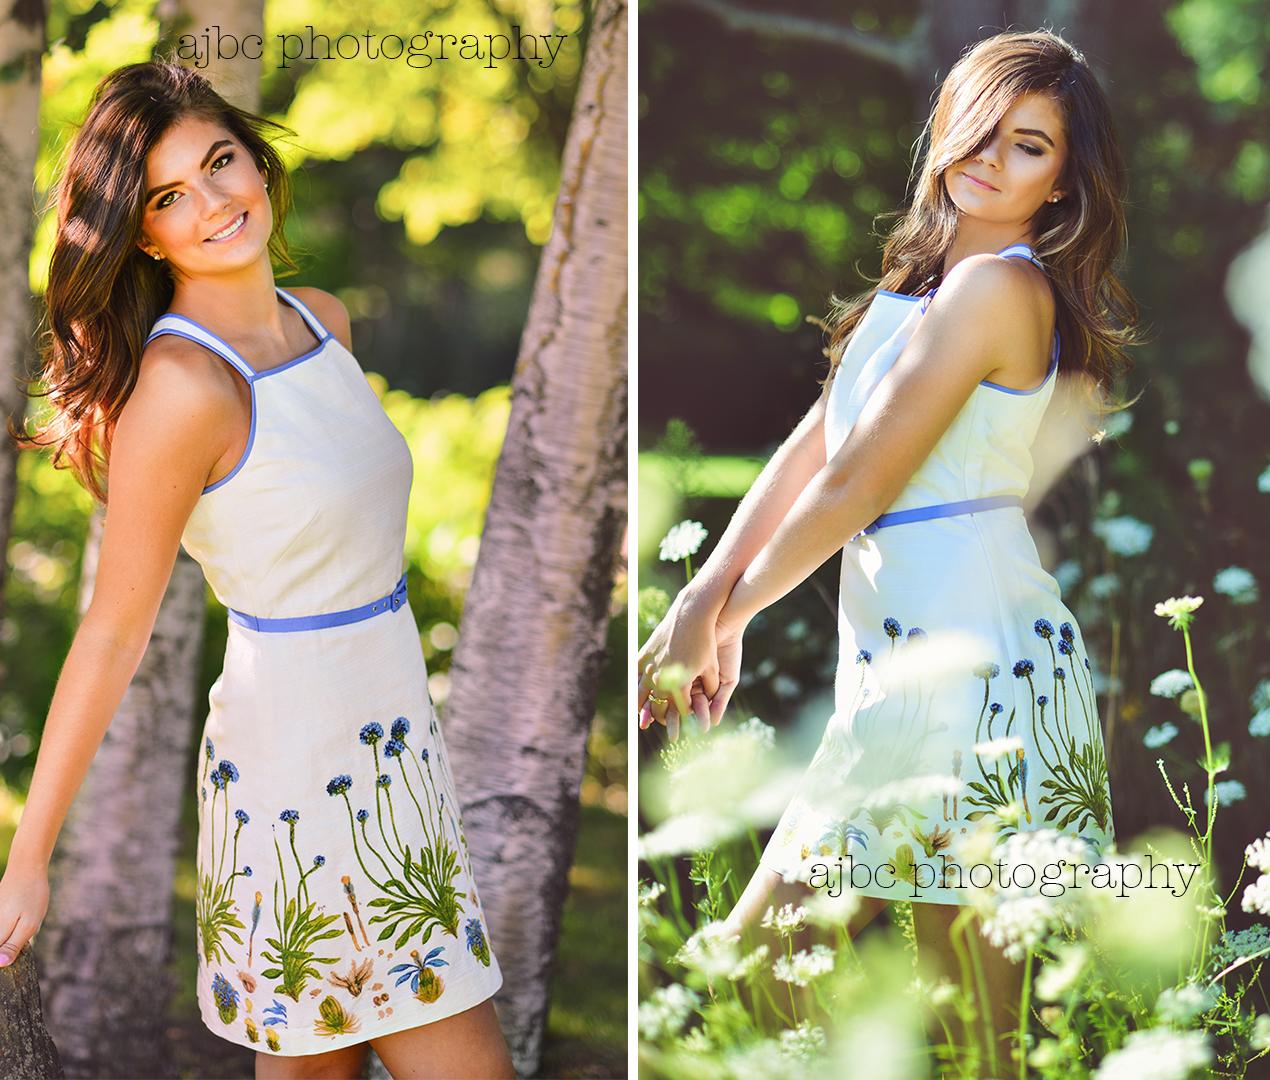 marysville high school senior fashionista by ajbc